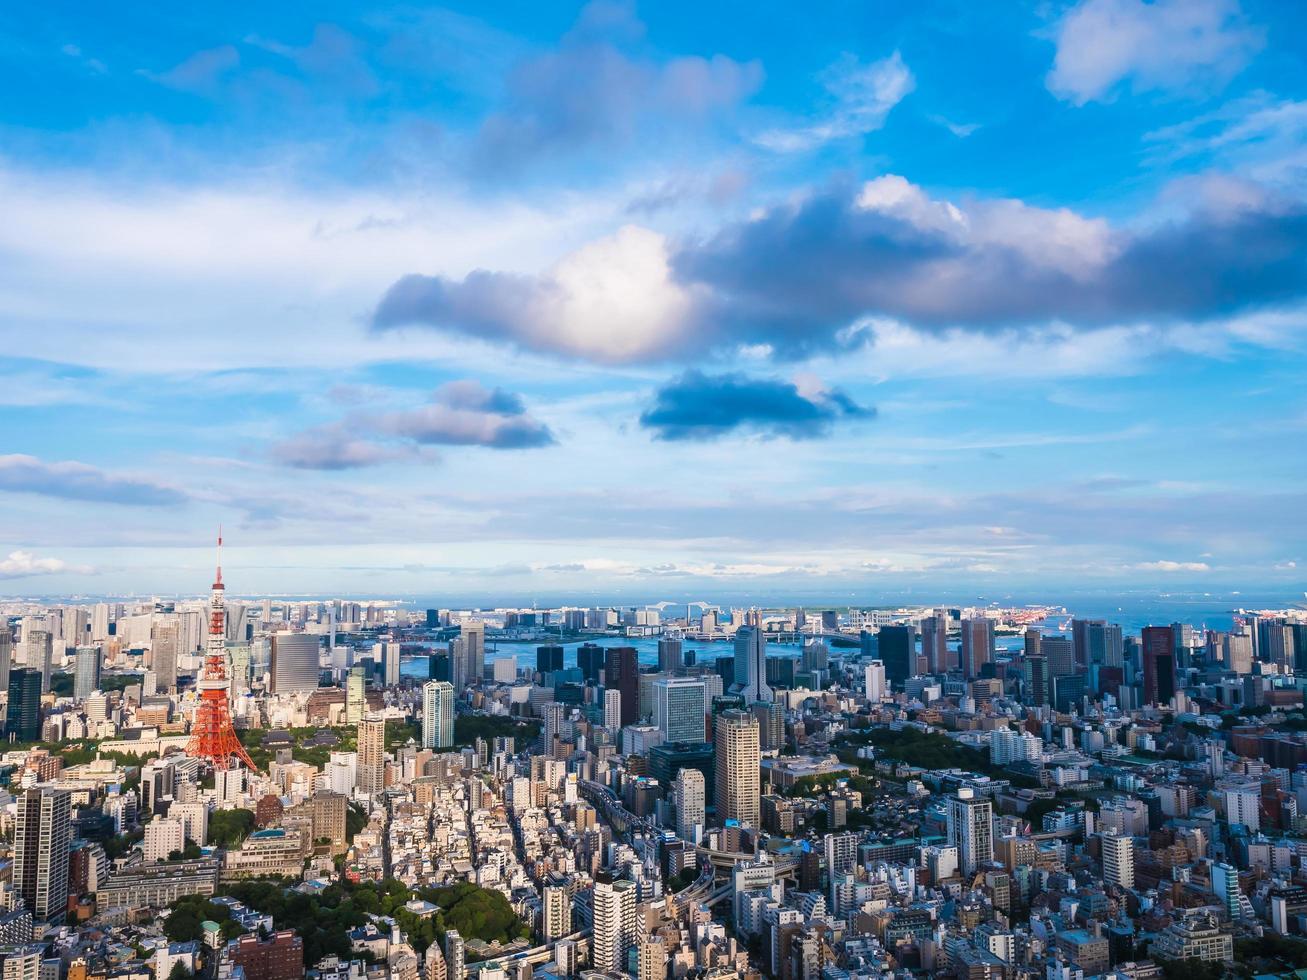 paisaje urbano de la ciudad de tokio en japón foto